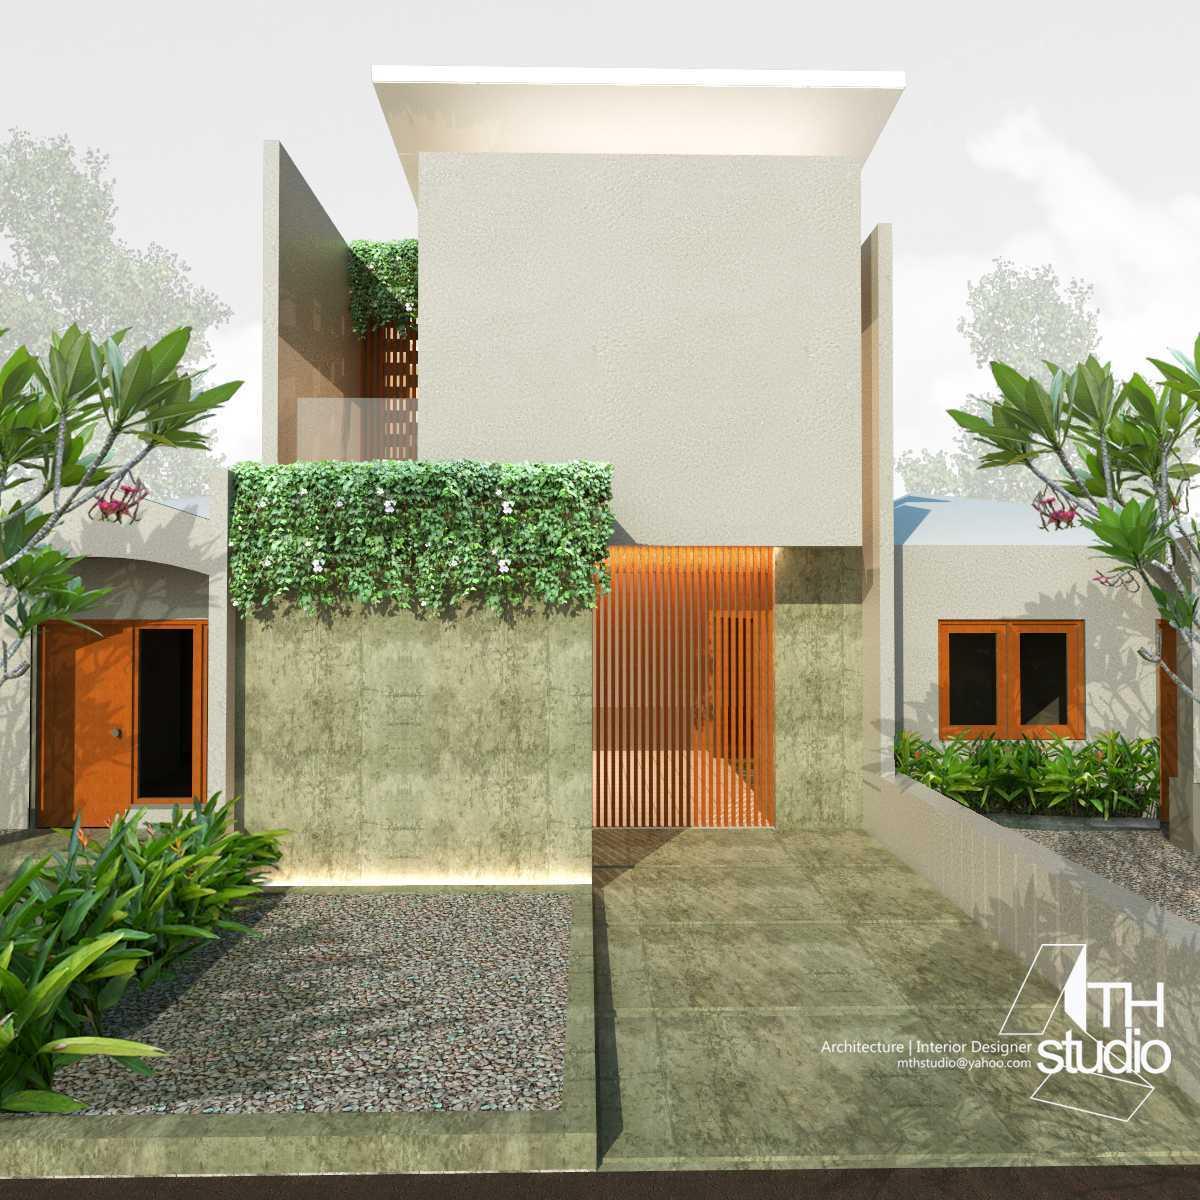 Mth Studio Rumah Taman Century 2 Bekasi.  Bekasi, Kota Bks, Jawa Barat, Indonesia Bekasi, Kota Bks, Jawa Barat, Indonesia Rumah Taman Century 2 Bekasi - Entrance Tropis 45541